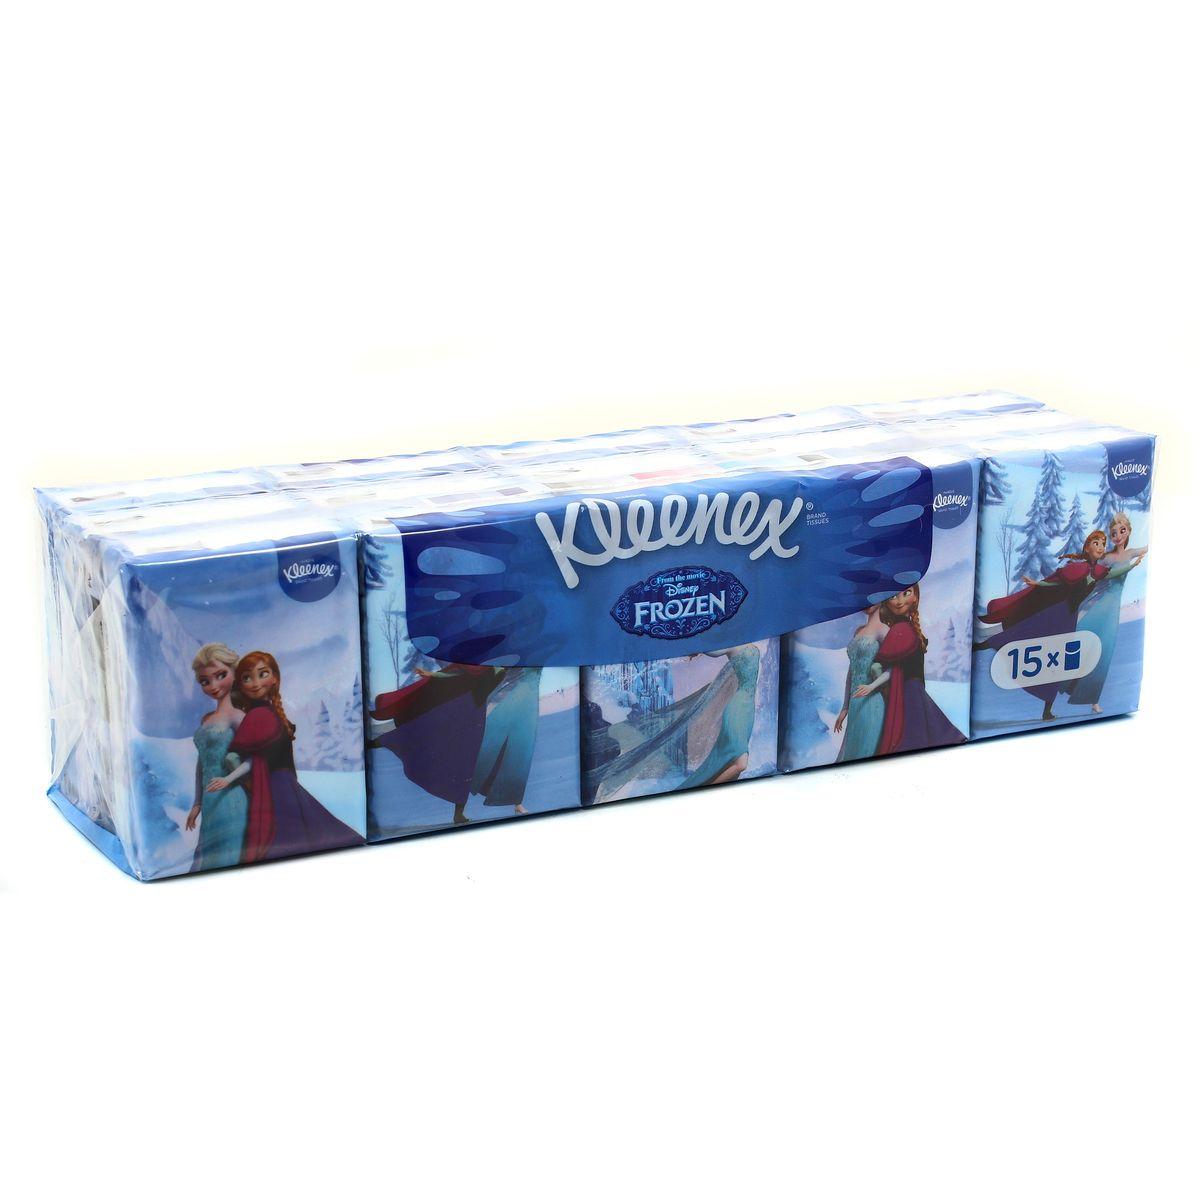 Fabuleux Kleenex Mouchoirs étuis La Reine des Neiges, 15 étuis : houra.fr HM45